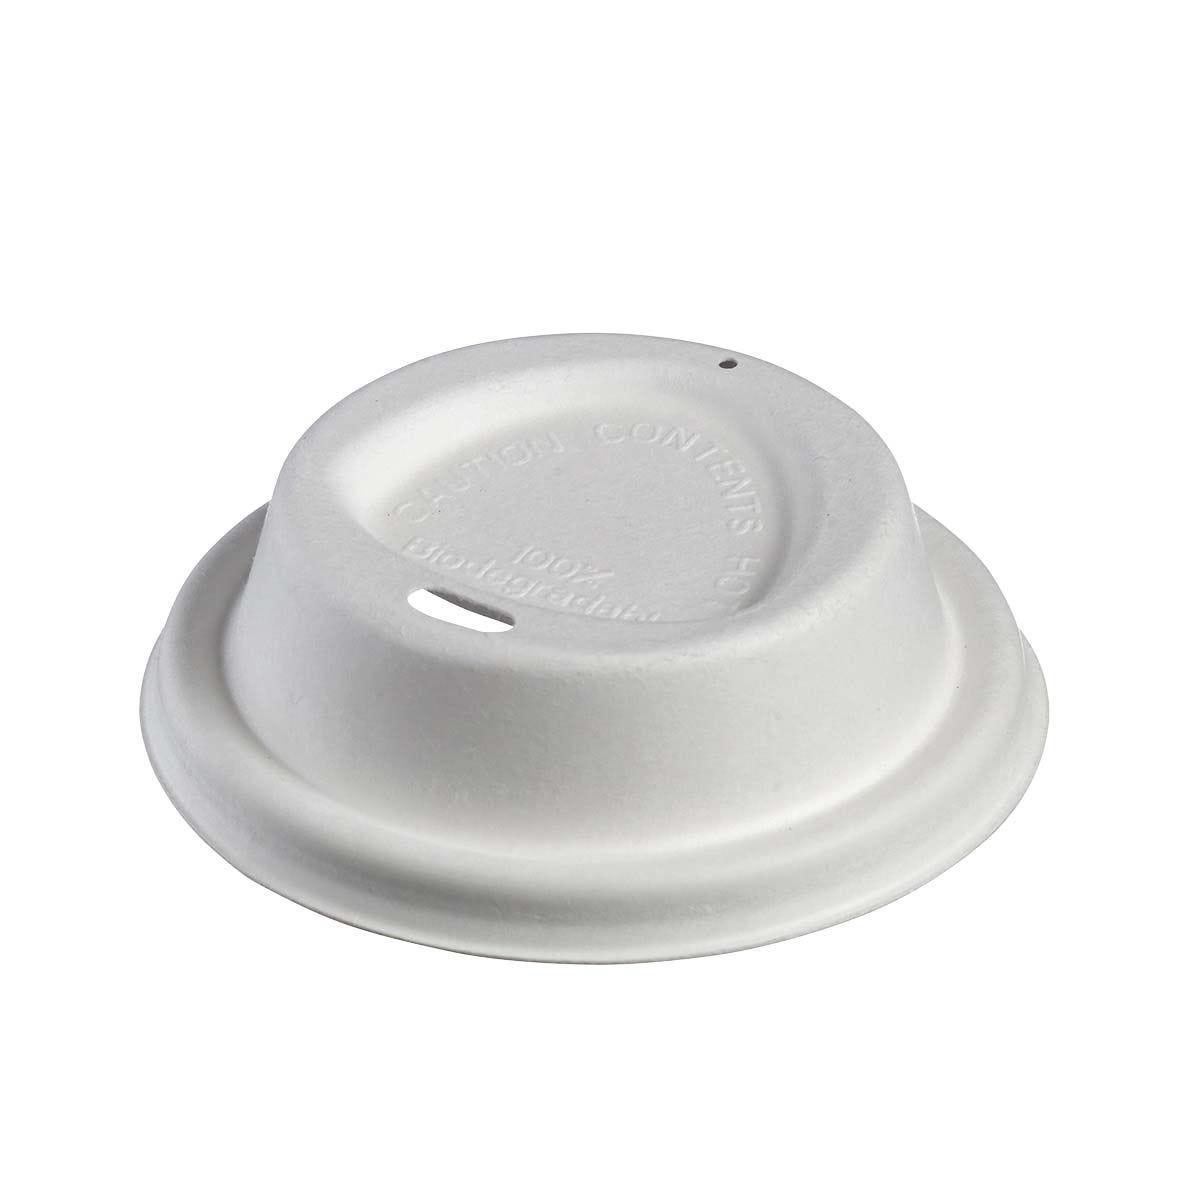 Couvercle pulpe de canne pour gobelet 120 cl - par 2000